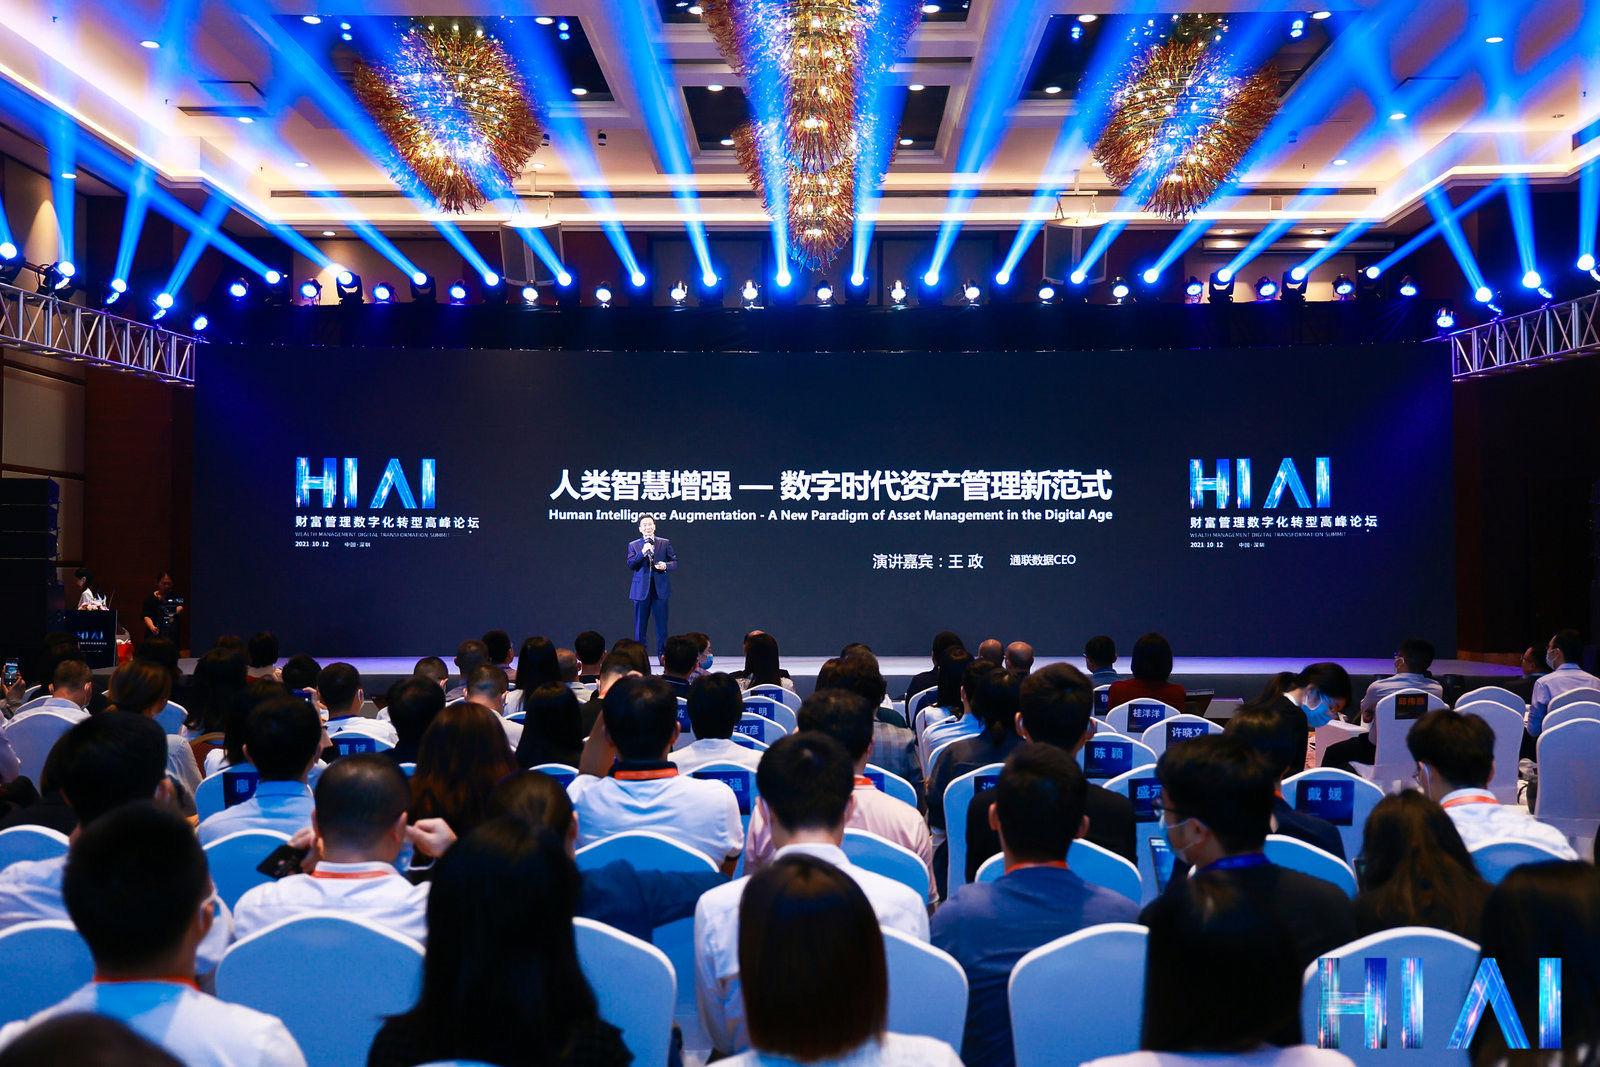 当财富管理遇上数字科技,HI·AI峰会在深圳成功举办插图